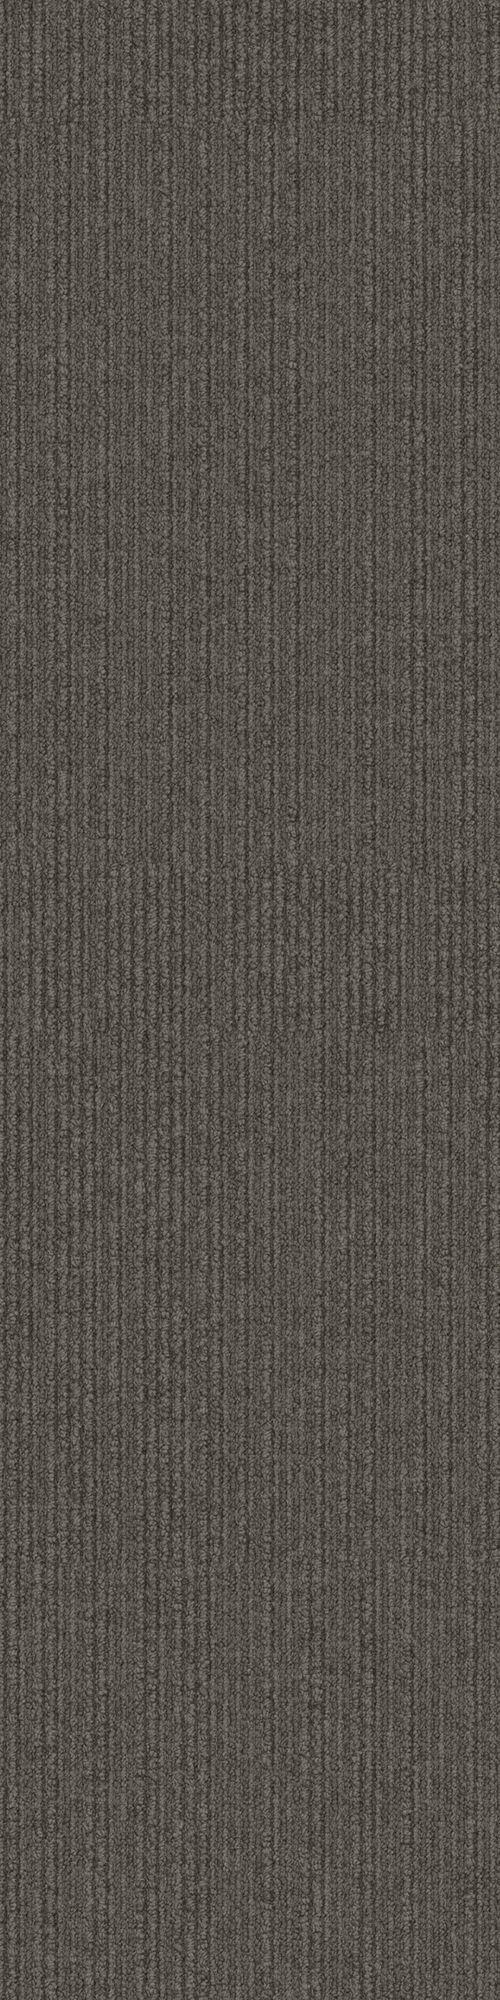 Interface carpet tile: On Line Color name: Titanium